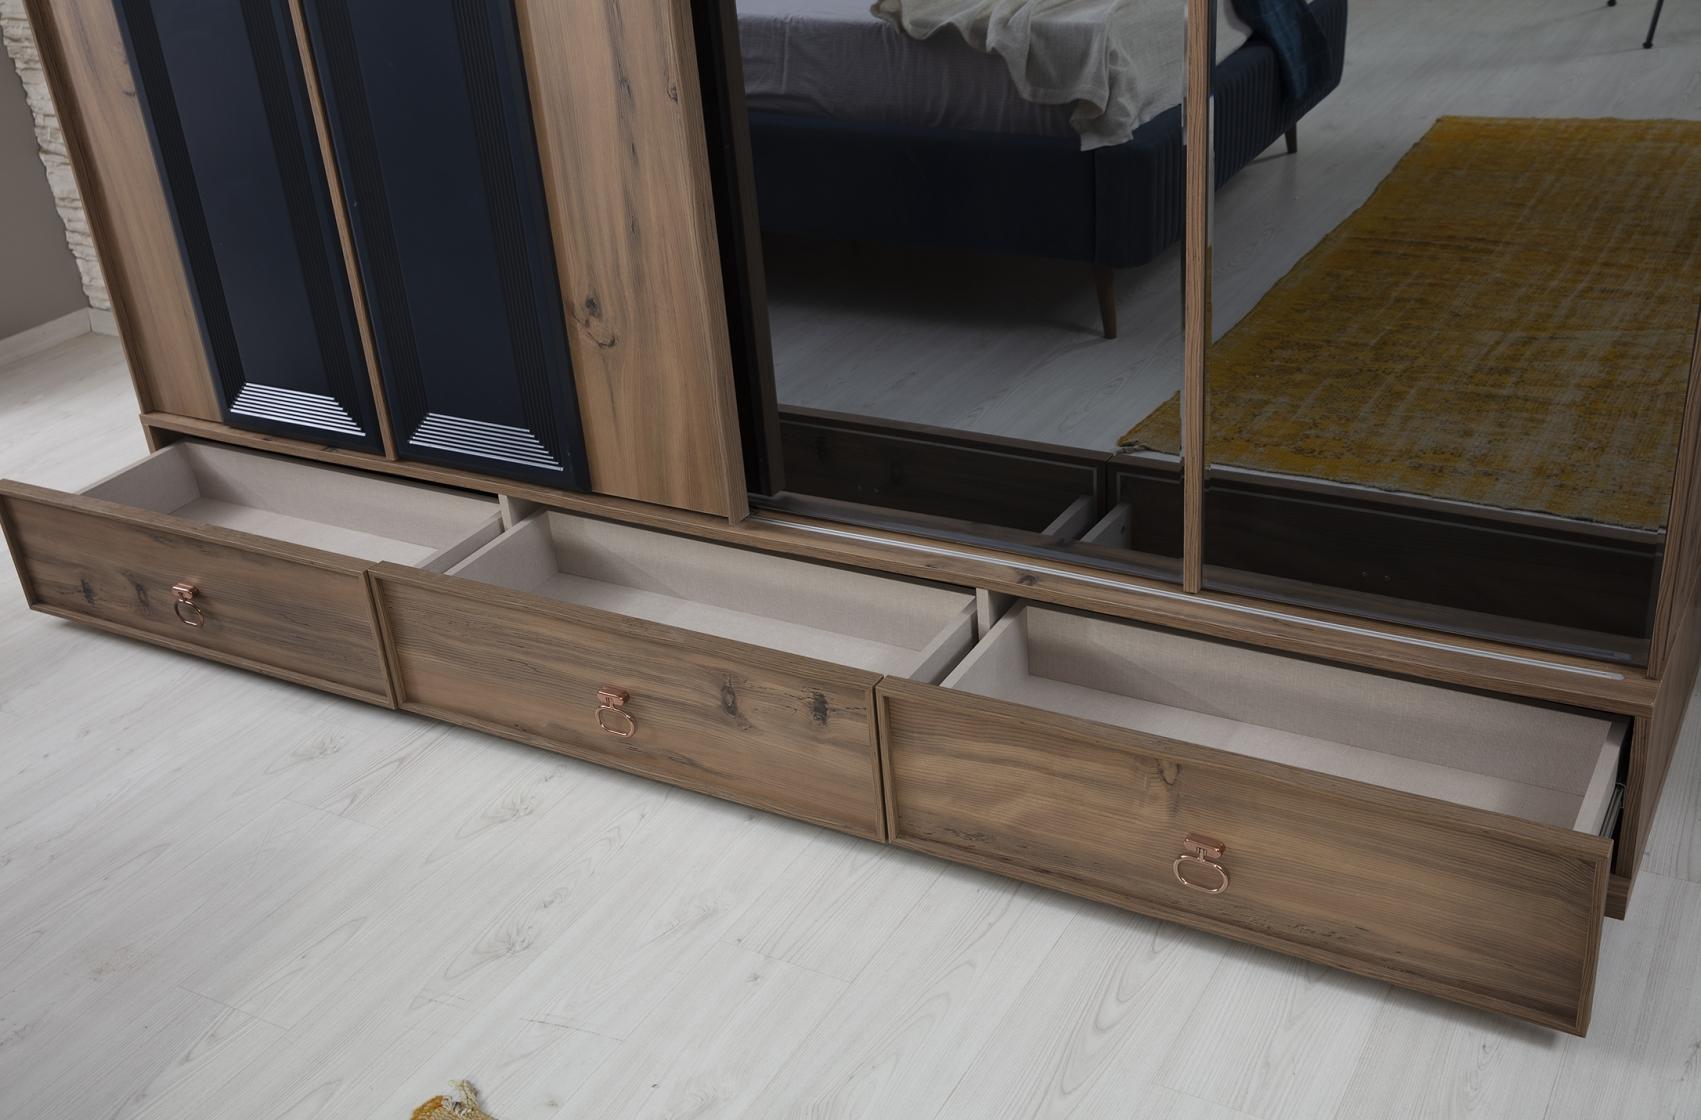 yonca antrasit yatak odası (3)